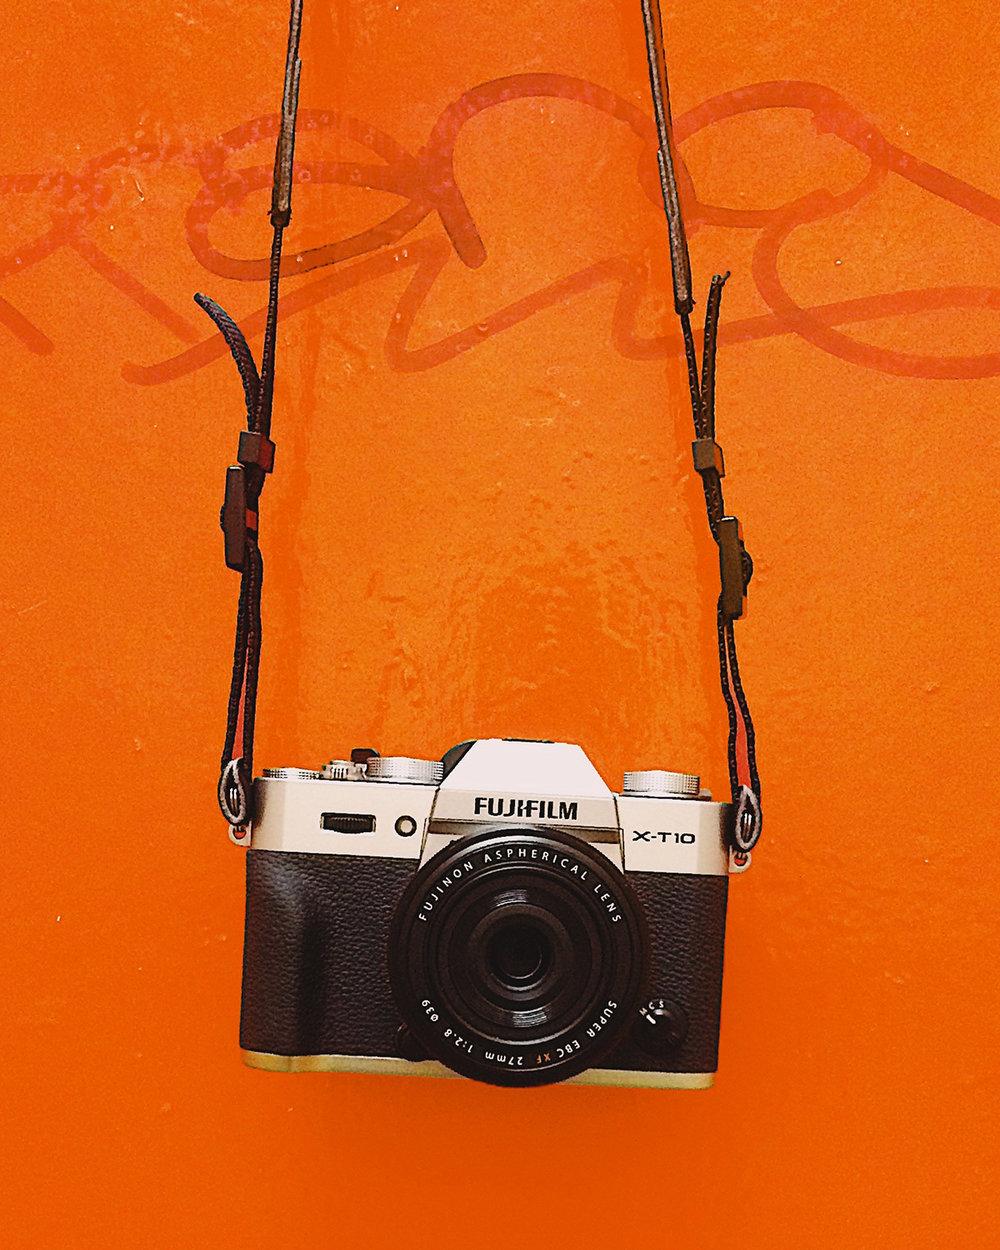 Photoshoot photographers &paparazzi for orange carpet entrance. Pro's, amateurs, or hobbyists welcome.